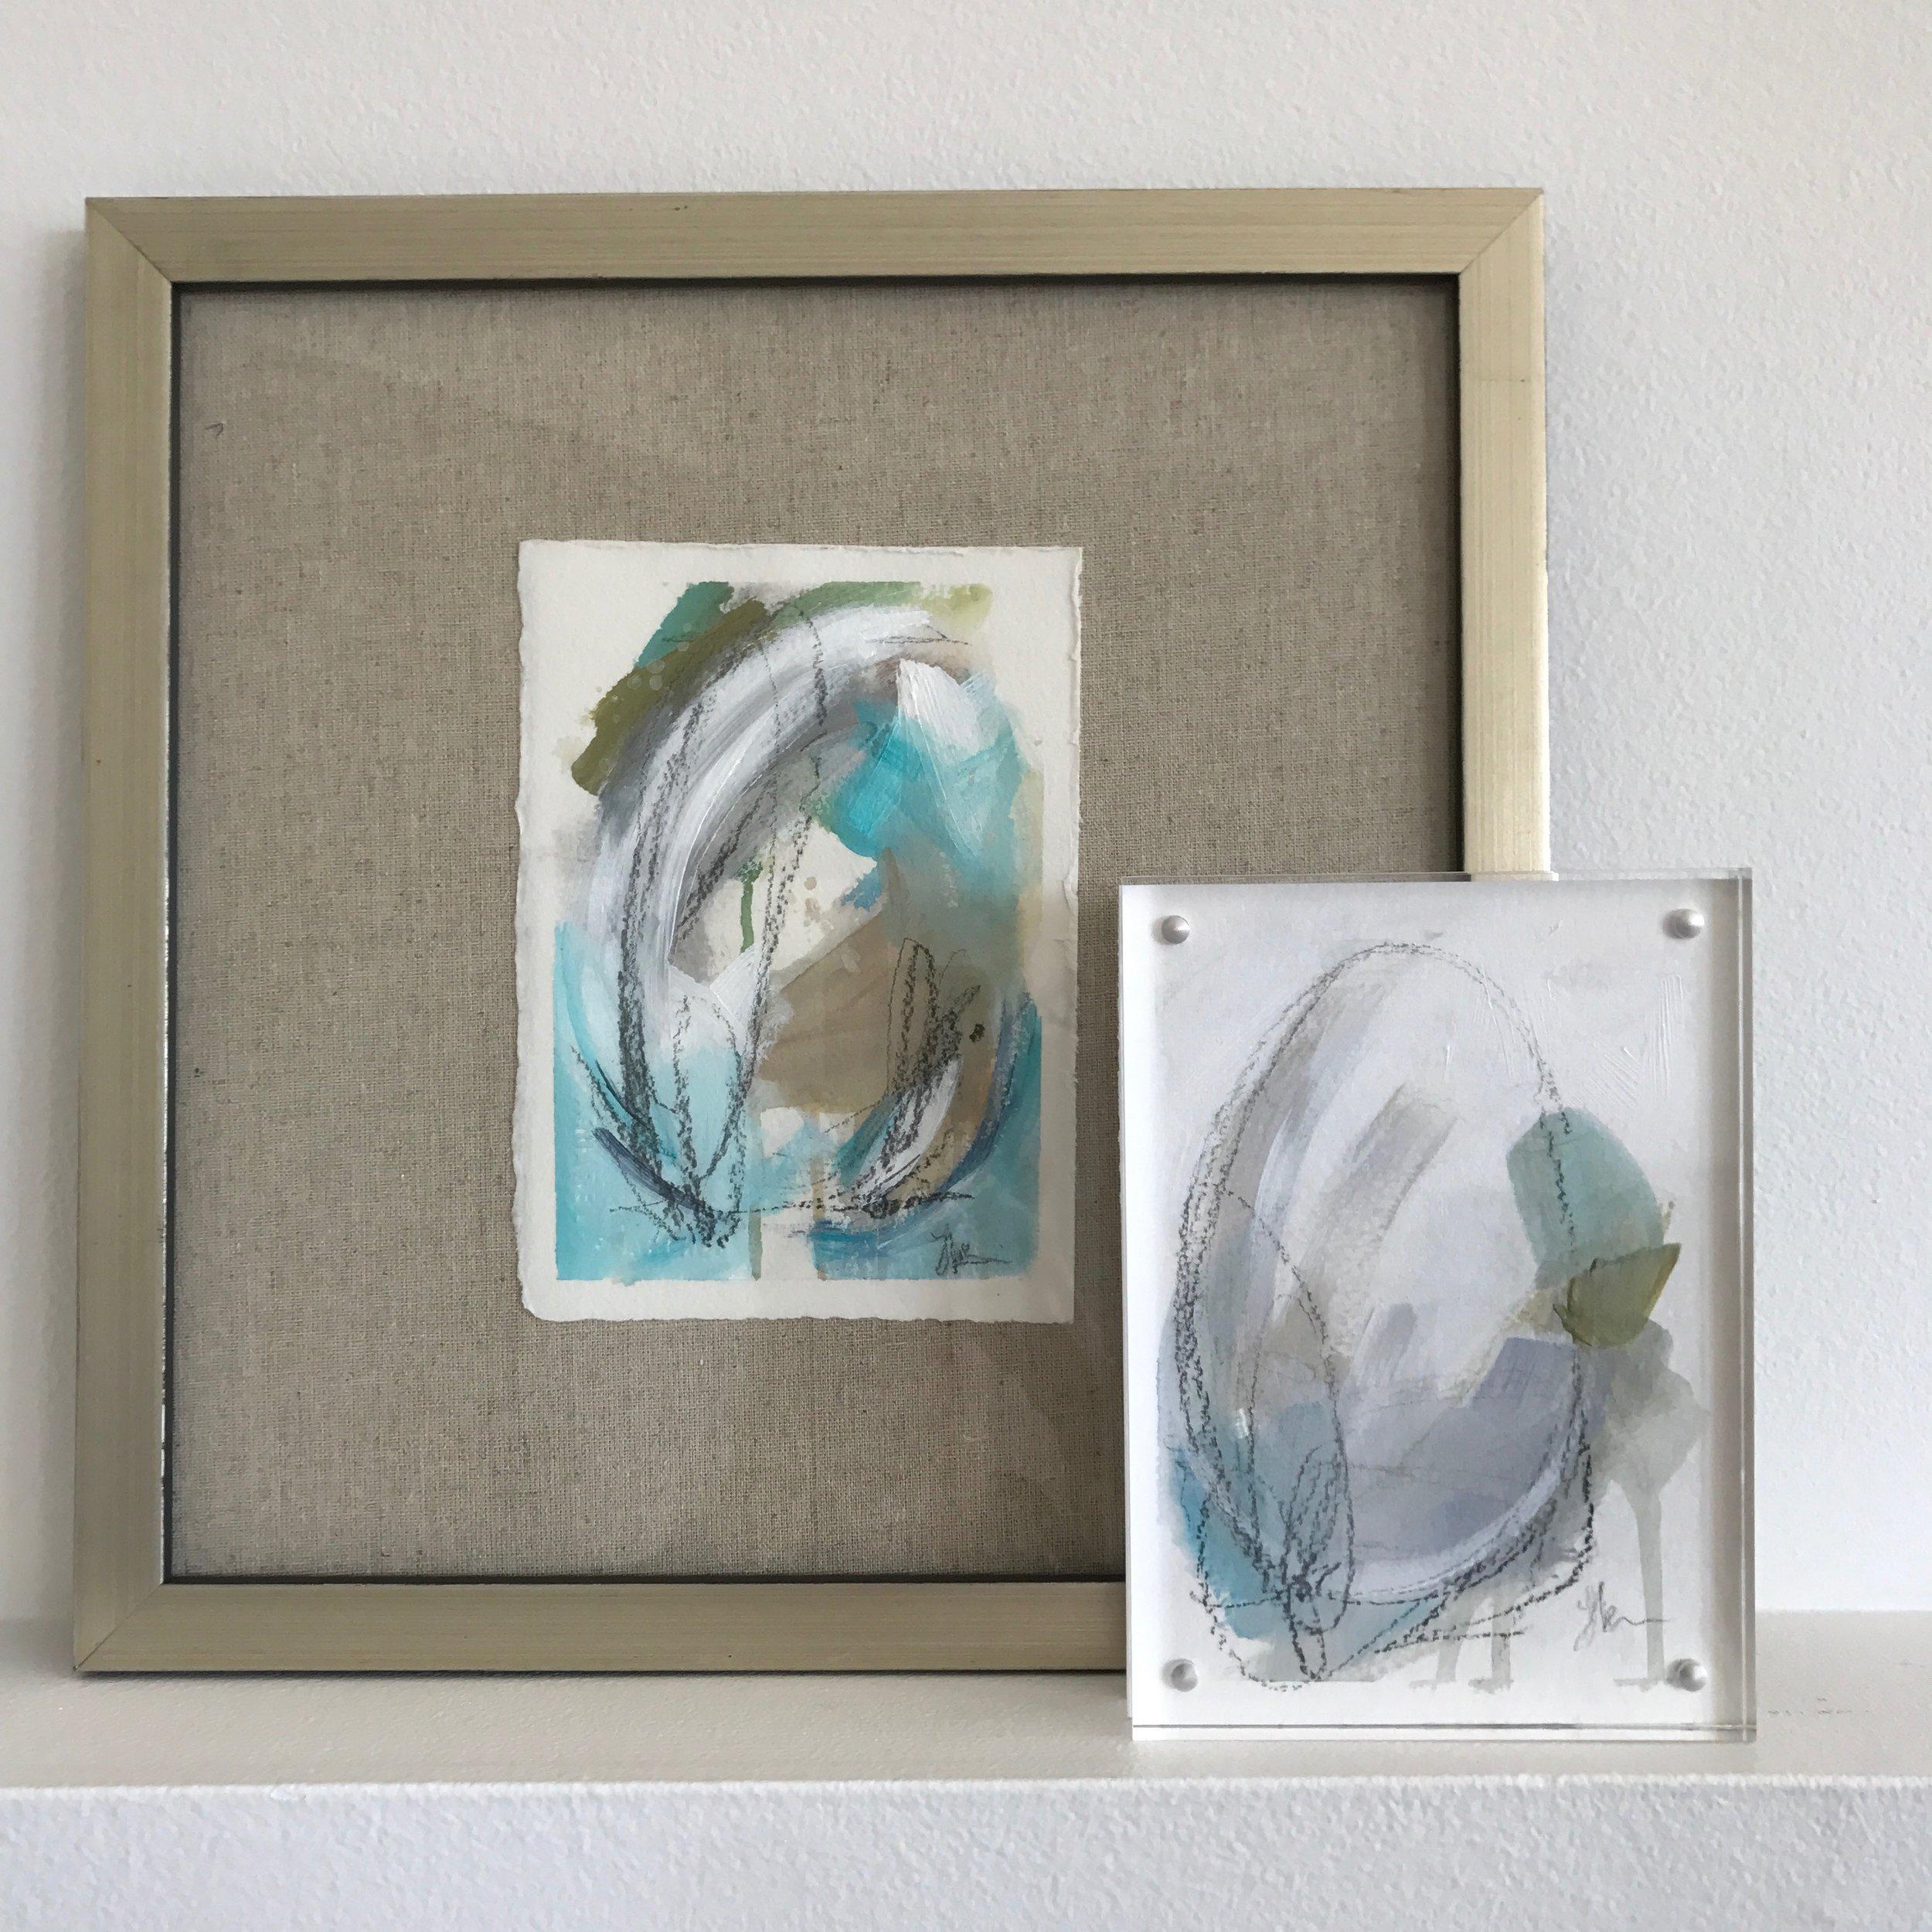 Framing options for paper artwork